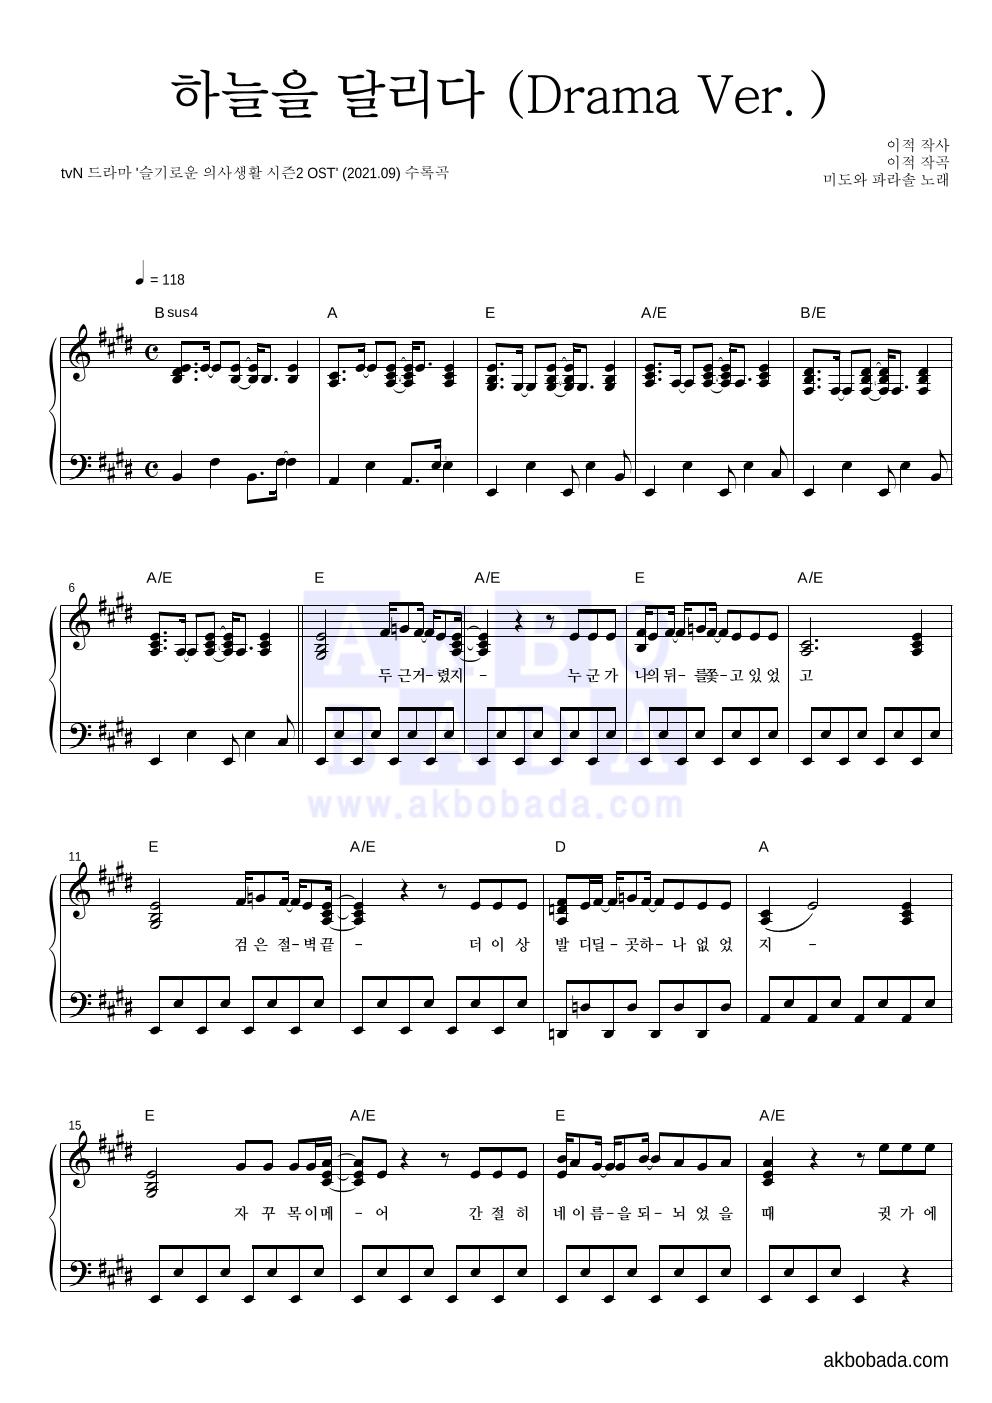 미도와 파라솔 - 하늘을 달리다 (Drama Ver.) 피아노 2단 악보